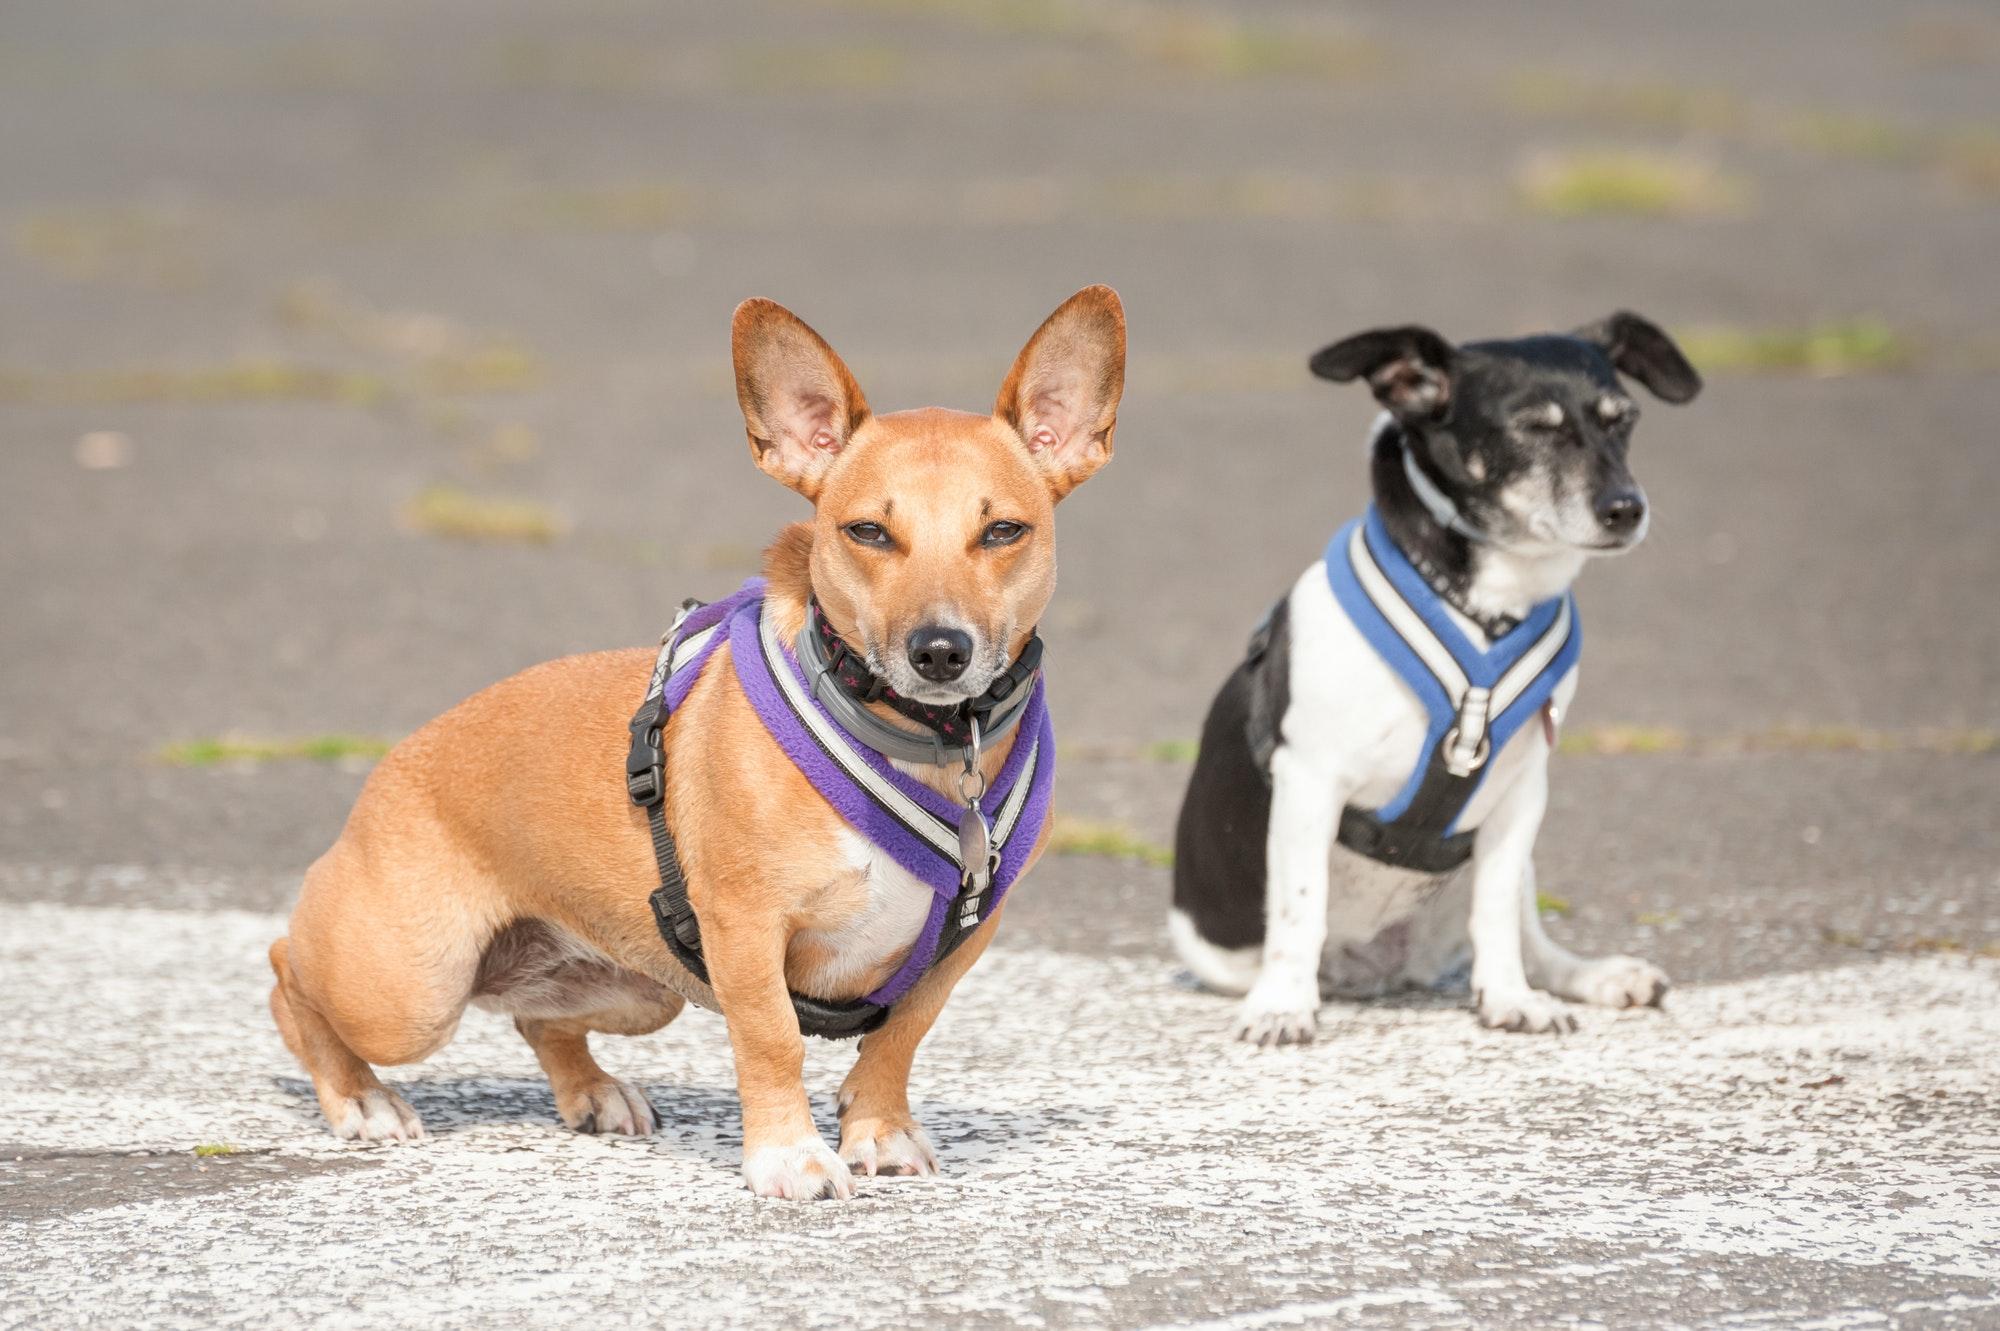 Hundetræning Nørrebro & hvalpetræning Nørrebro ‖ Privat hundetræner - Hunde-Liv's hundetræner Nørrebro tilbyder hundetræning privat og i hold